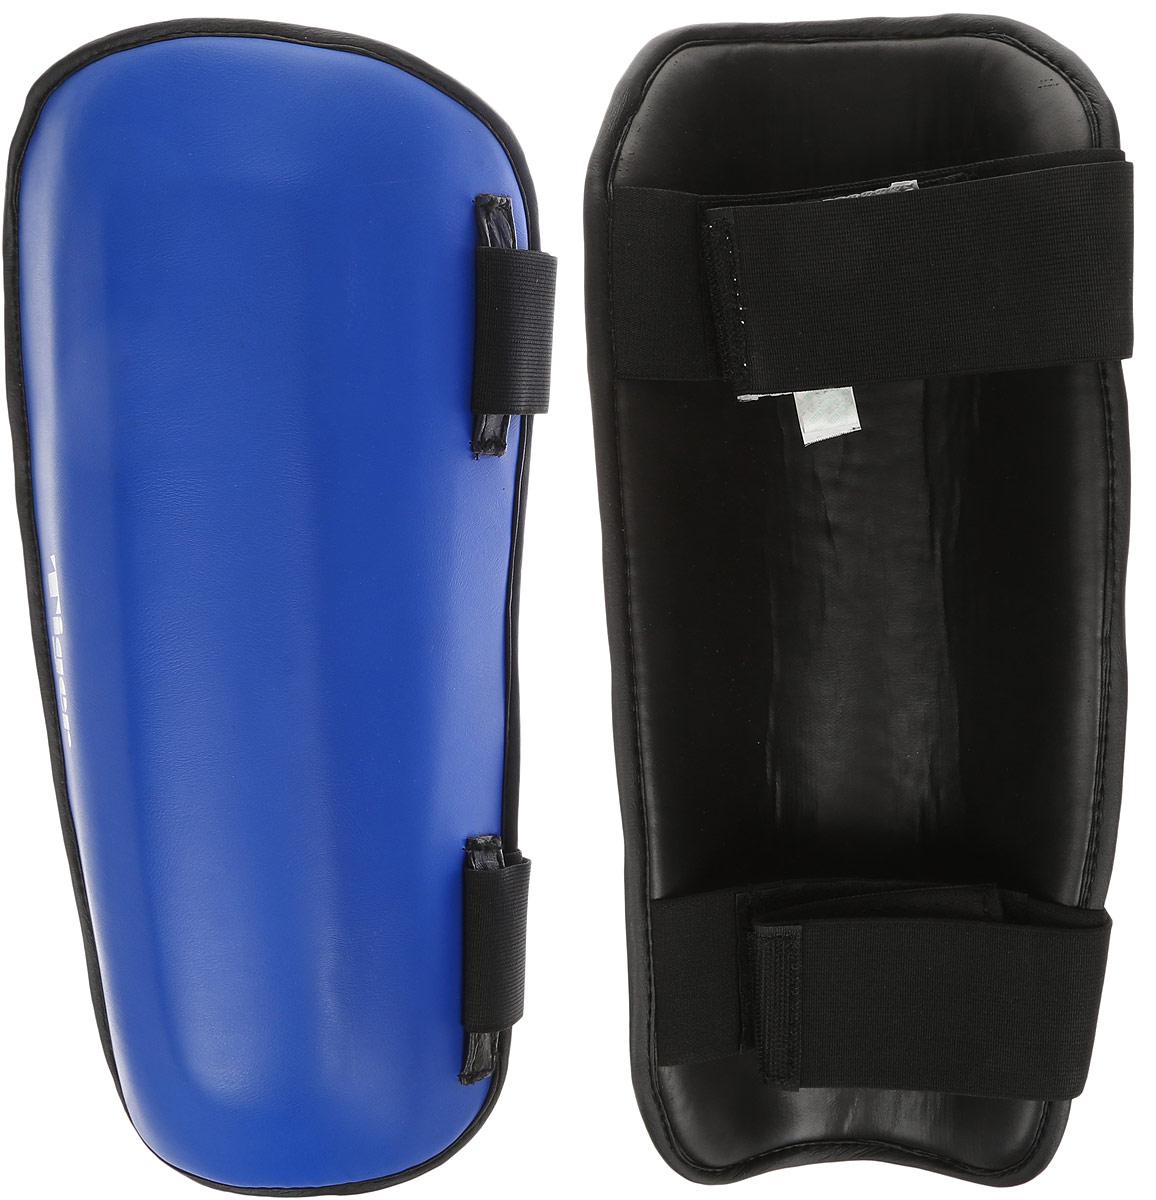 Защита голени Green Hill Tiger, цвет: синий, белый. Размер XL. SPT-2123AP176003Защита голени Green Hill Tiger с наполнителем, выполненным из вспененного полимера, необходима при занятиях спортом для защиты суставов от вывихов, ушибов и прочих повреждений. Накладки выполнены из высококачественной натуральной кожи. Закрепляются на ноге при помощи эластичных лент и липучек.Длина голени: 36 см.Ширина голени: 15 см.